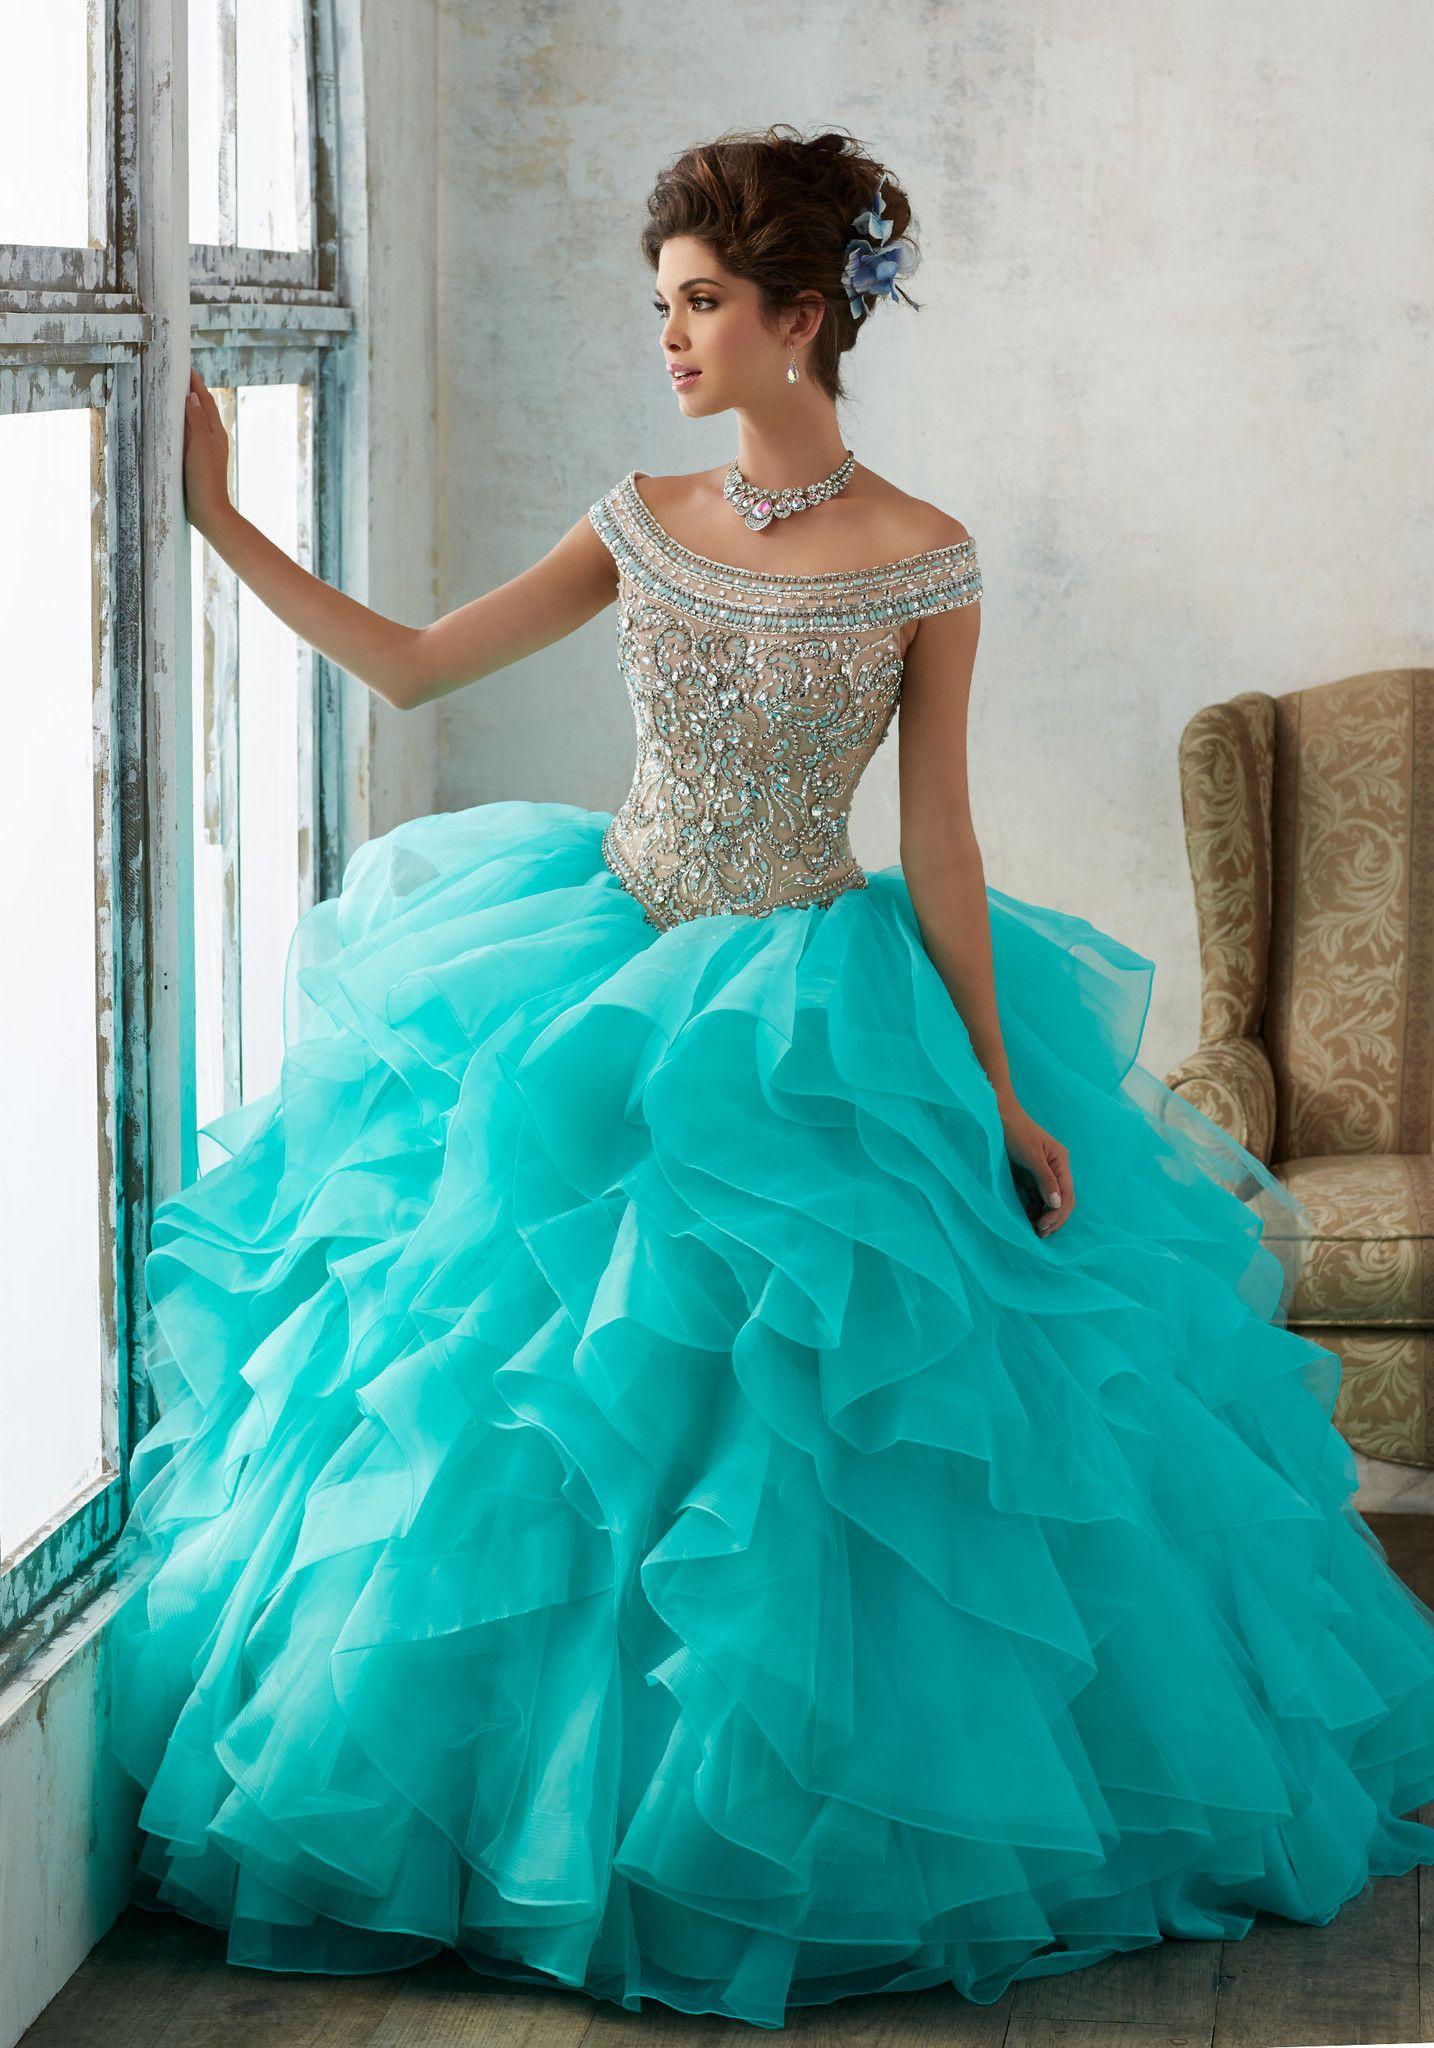 Quinceanera Dress 89138 Vizcaya Collection | Abschlusskleider ...